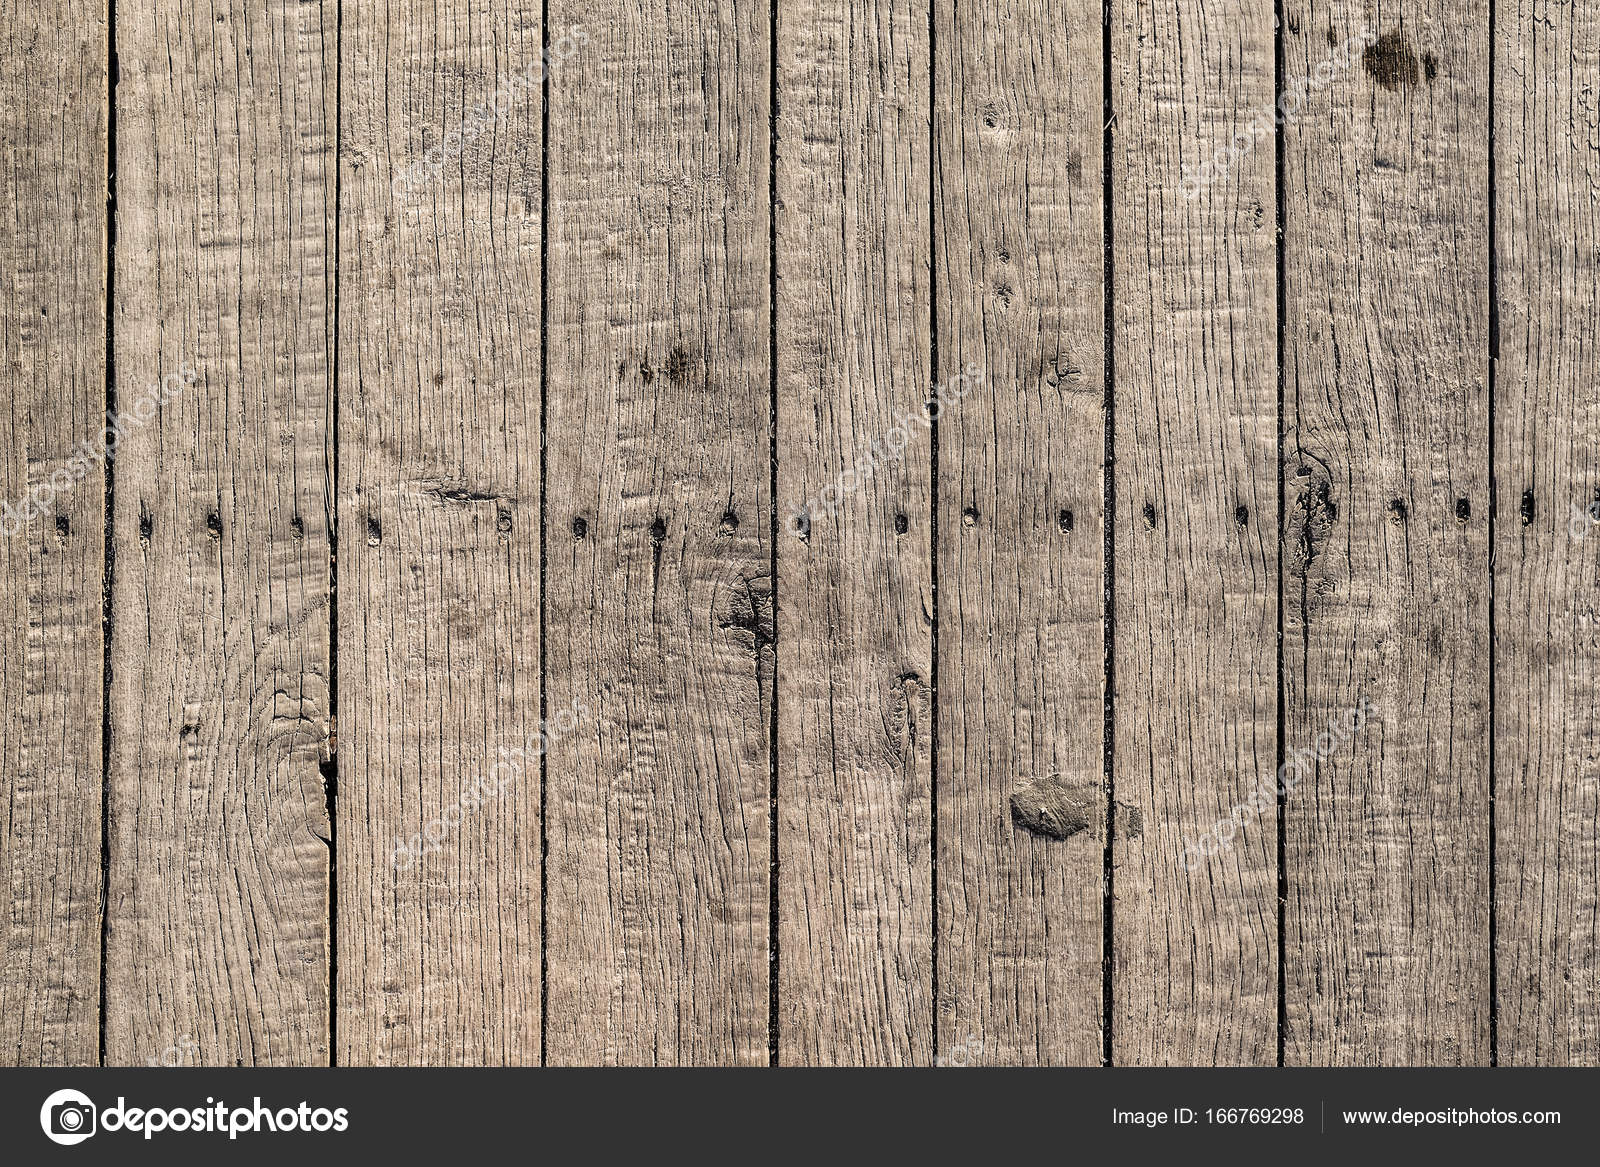 Assi Di Legno Grezze : Assi di legno grezzi u2014 foto stock © gekaskr #166769298